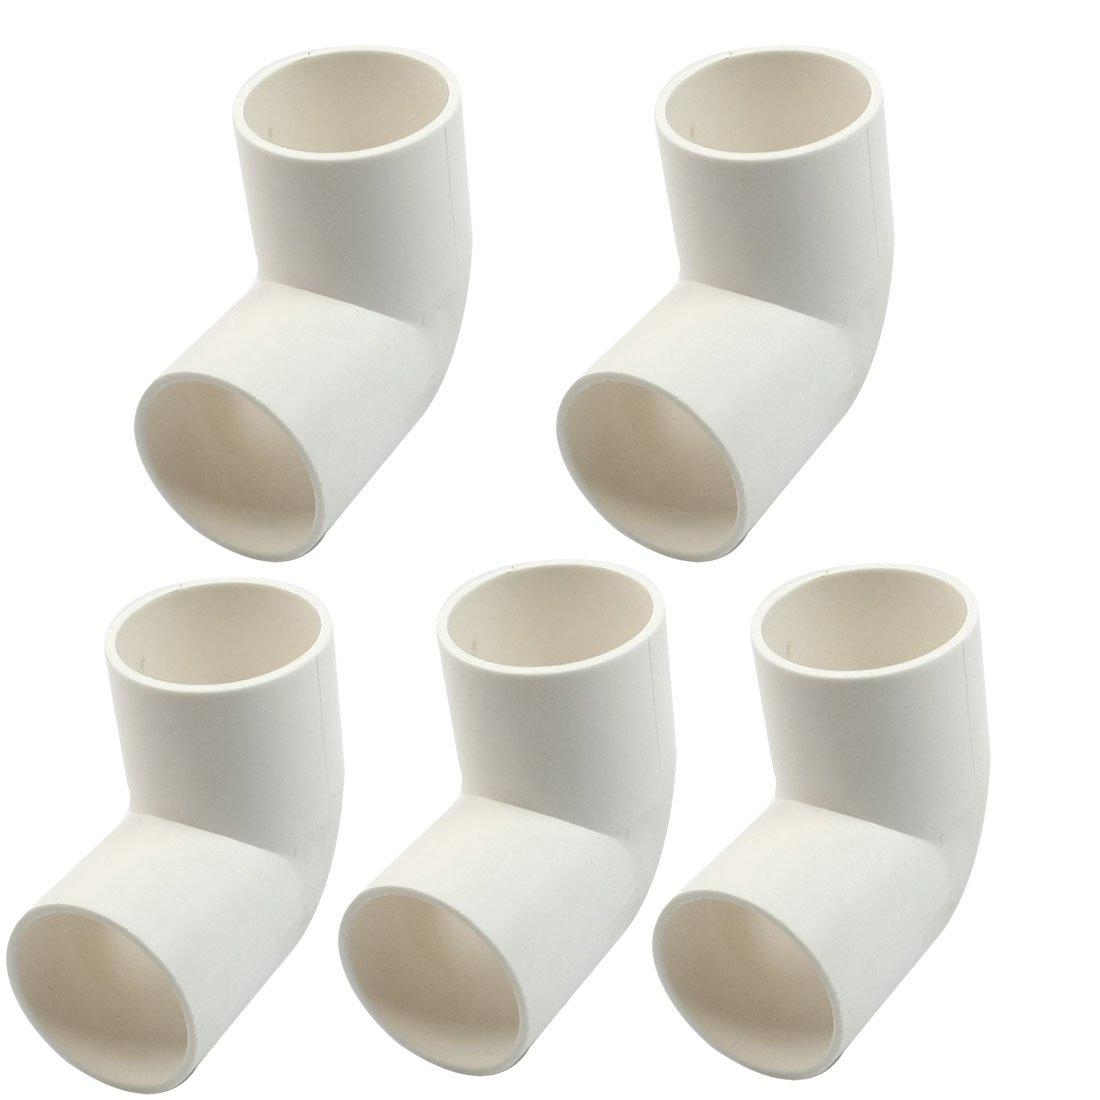 Sourcingmap a13062400ux0963-5 piezas de 32 mm de di/ámetro interior uniones de tubo de pvc codo de 90 grados blancas